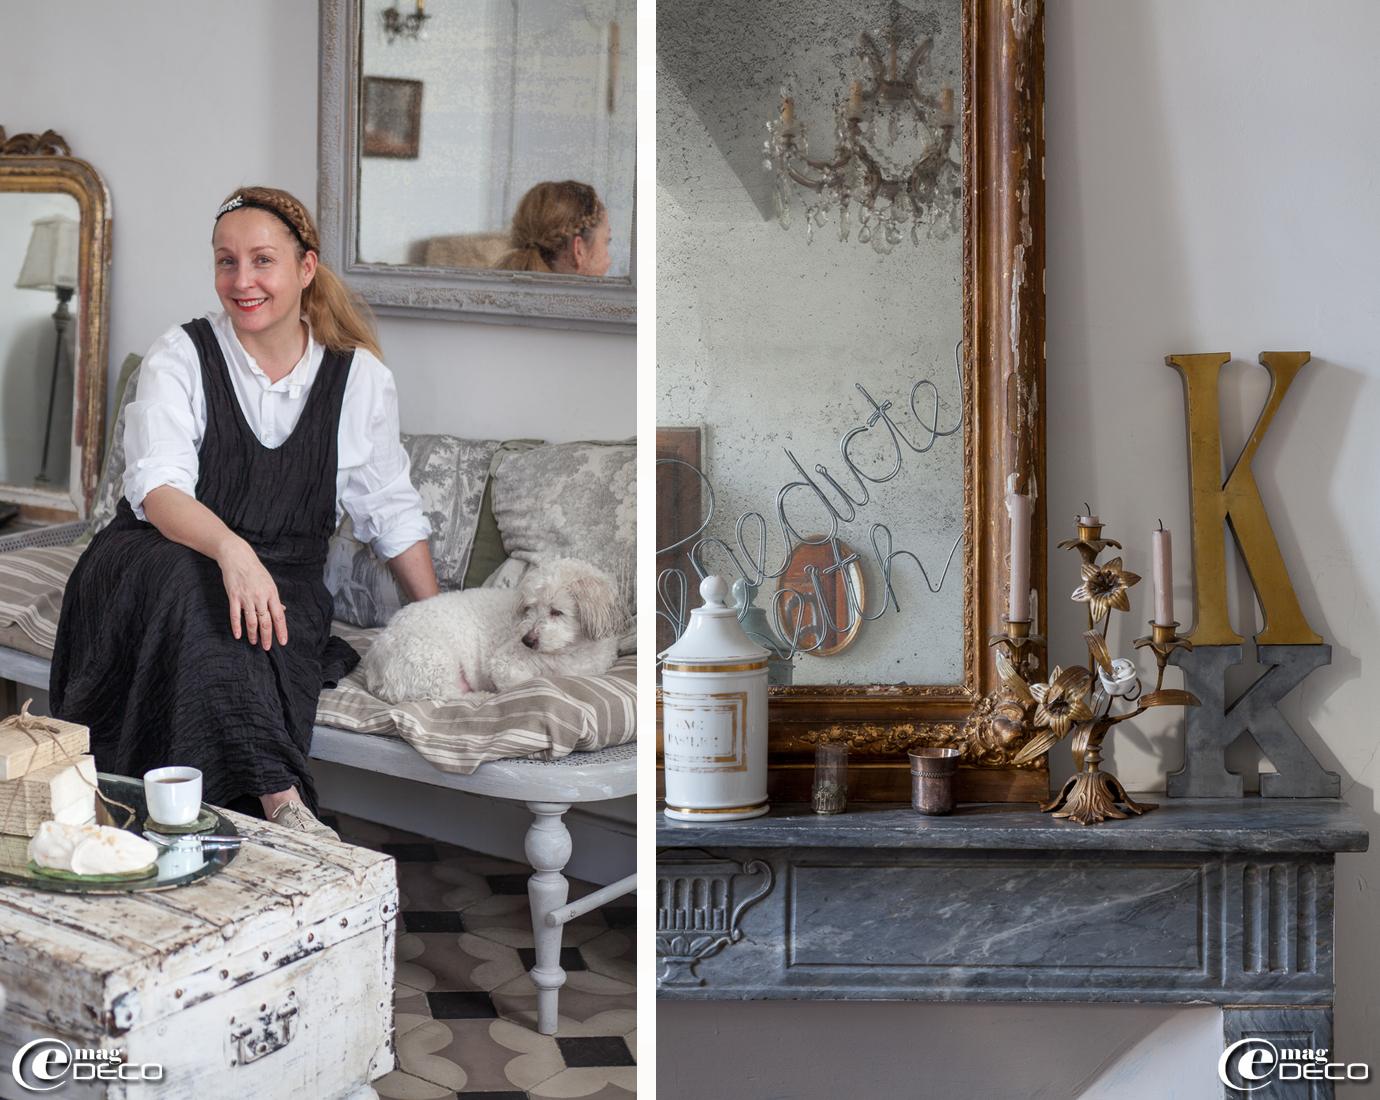 Sur une cheminée d'époque en marbre, un grand miroir doré chiné en Angleterre, un ancien pot d'apothicaire en porcelaine blanche et un bougeoir à fleurs de lys